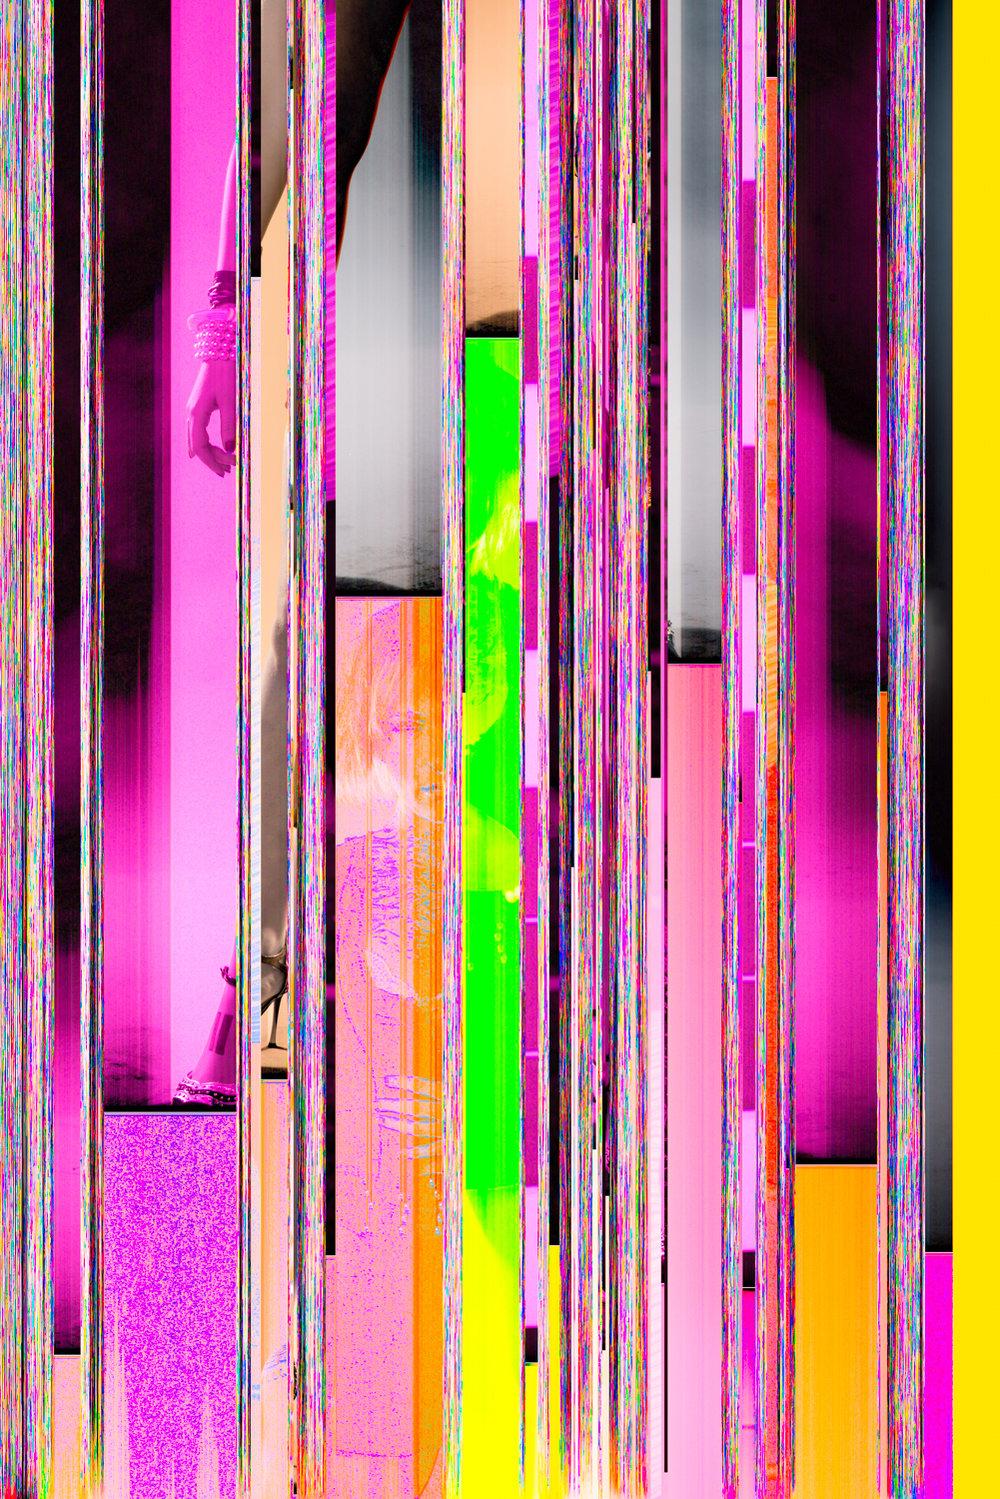 Rashed_Haq_Algorithmic_Sense-1-5.jpg